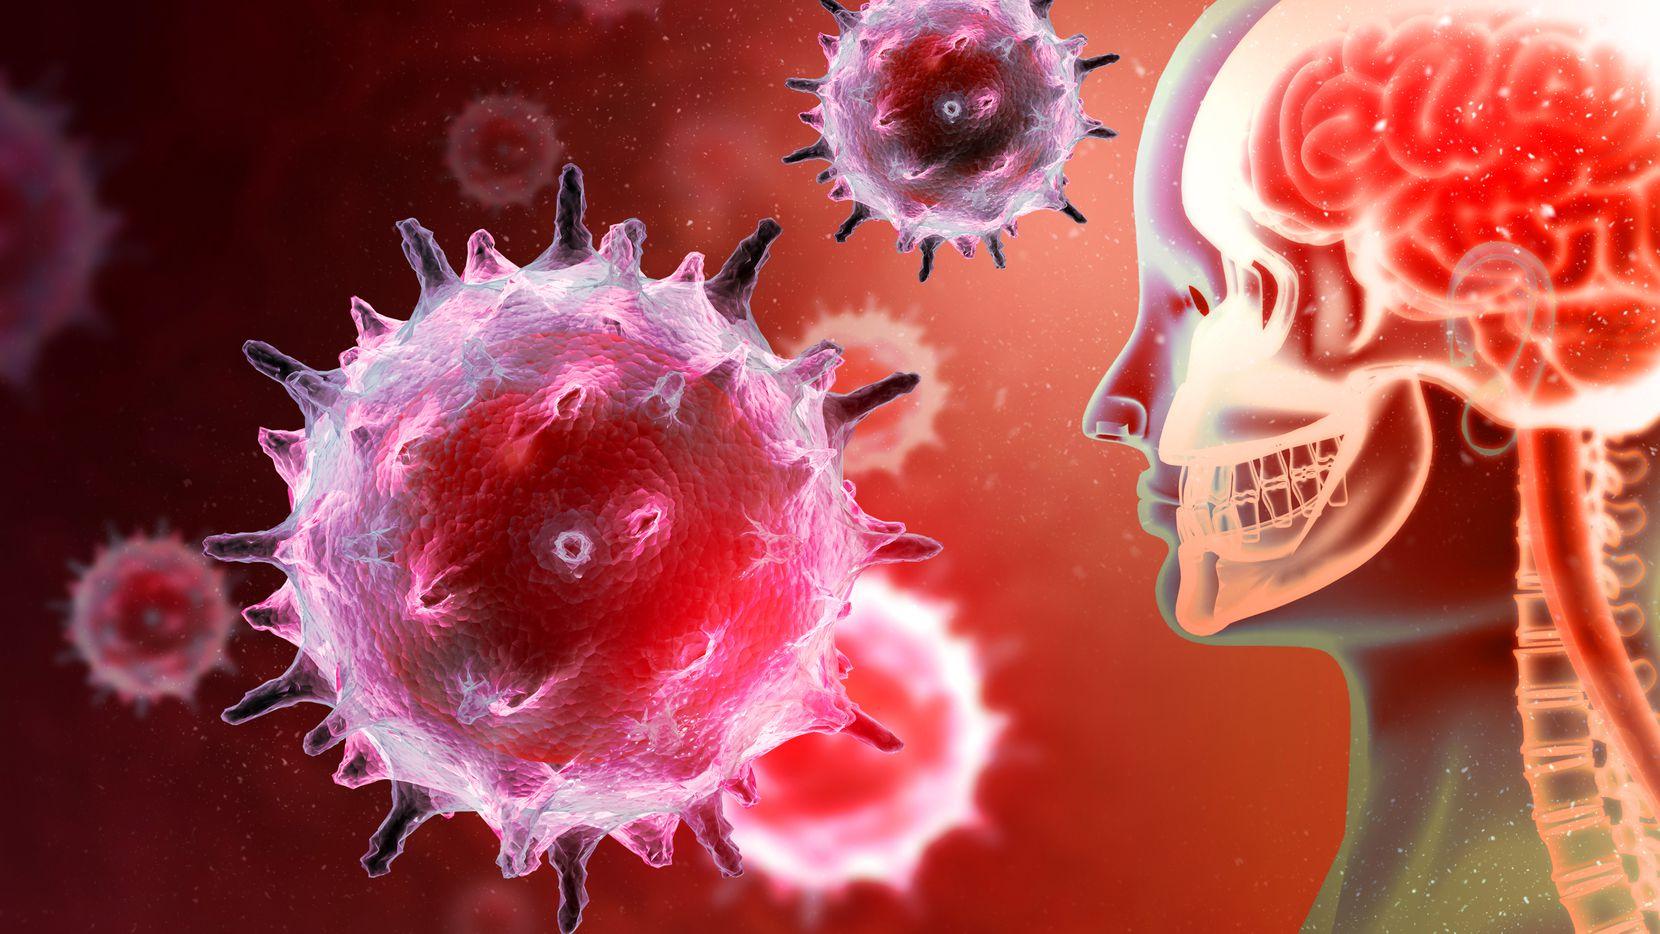 La meningitis puede tener serias consecuencias en la salud, pero hay una vacuna y se estará dando dosis para estudiantes en sedes de Dallas College.